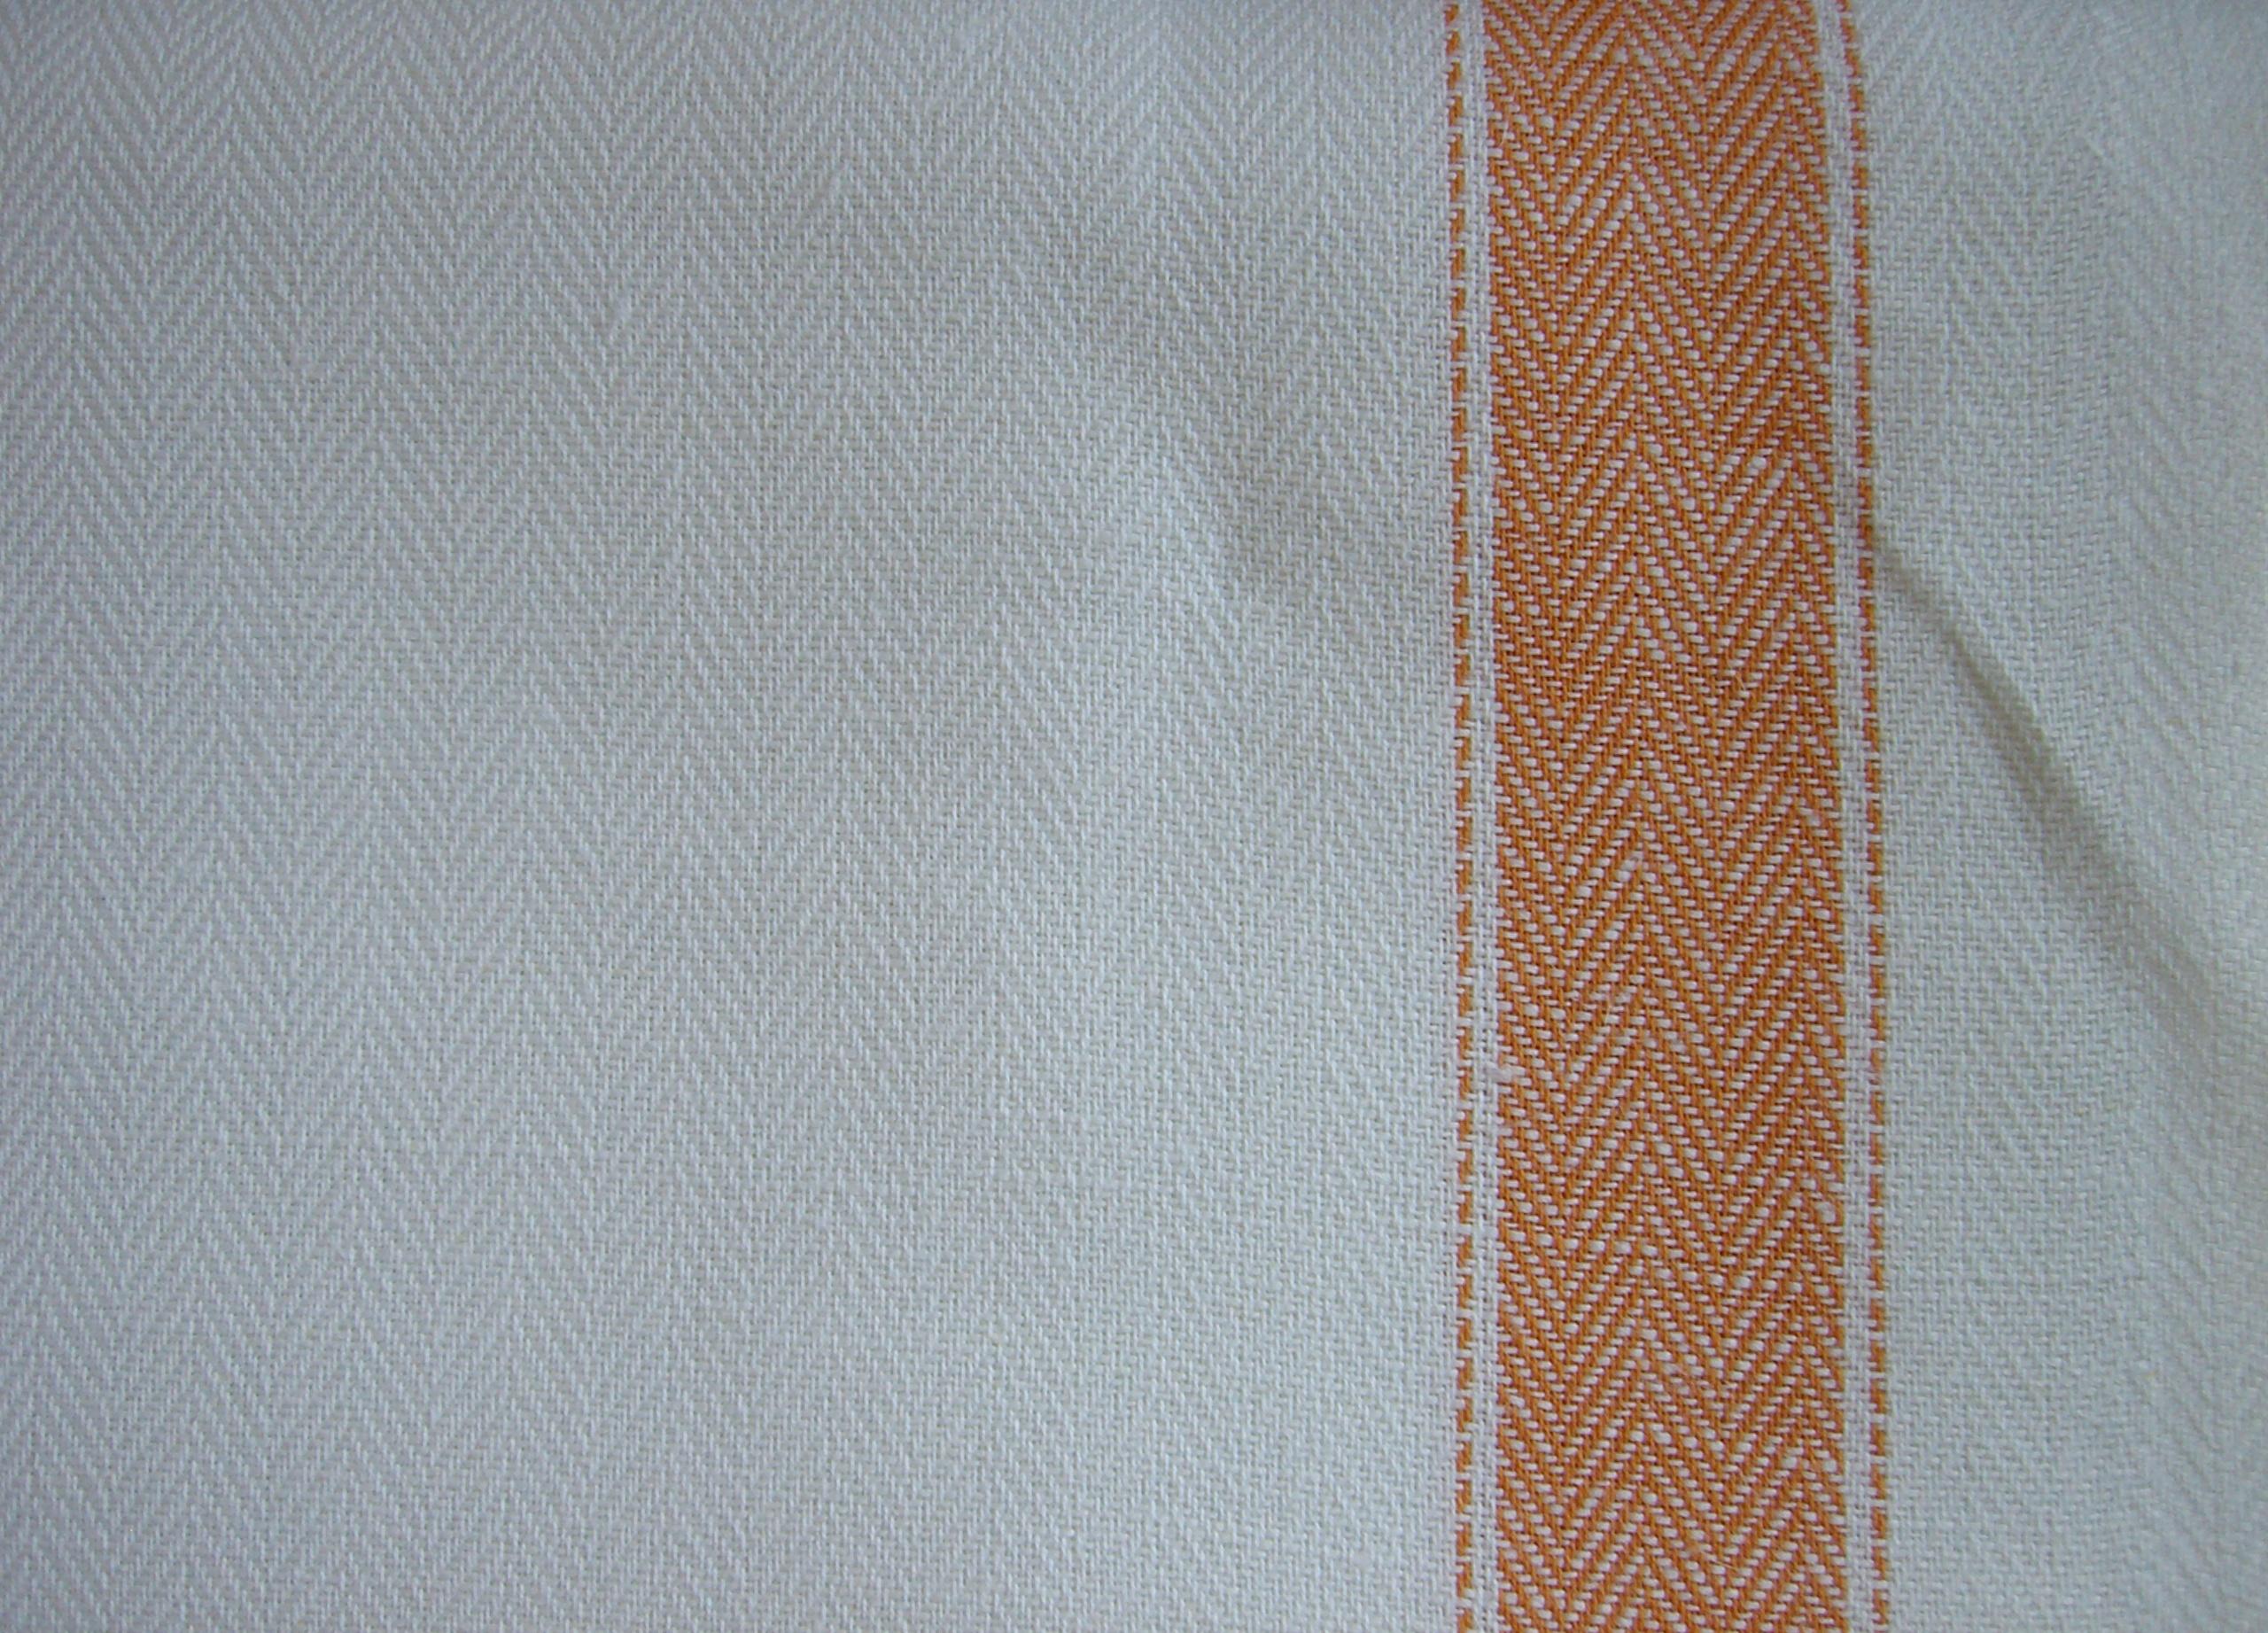 Tessuto per asciugapiatti misto lino - listone - giallo